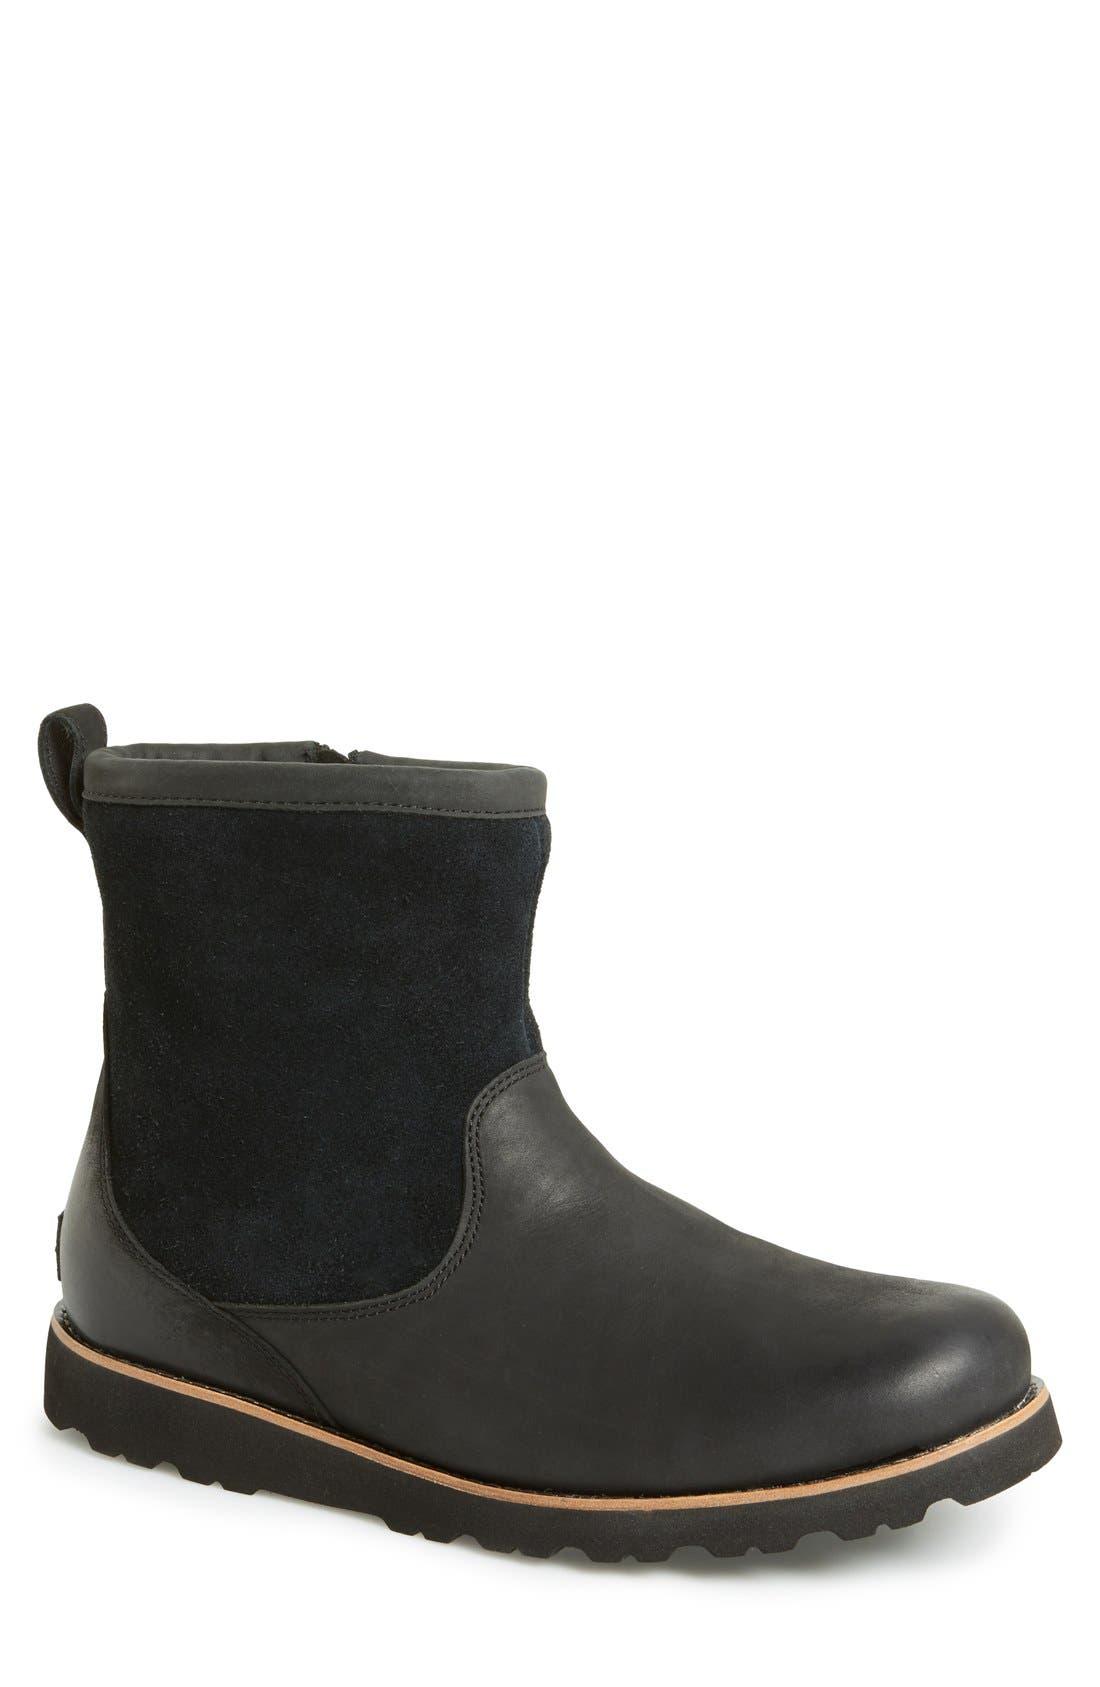 Hendren TL Waterproof Zip Boot,                             Main thumbnail 1, color,                             Black